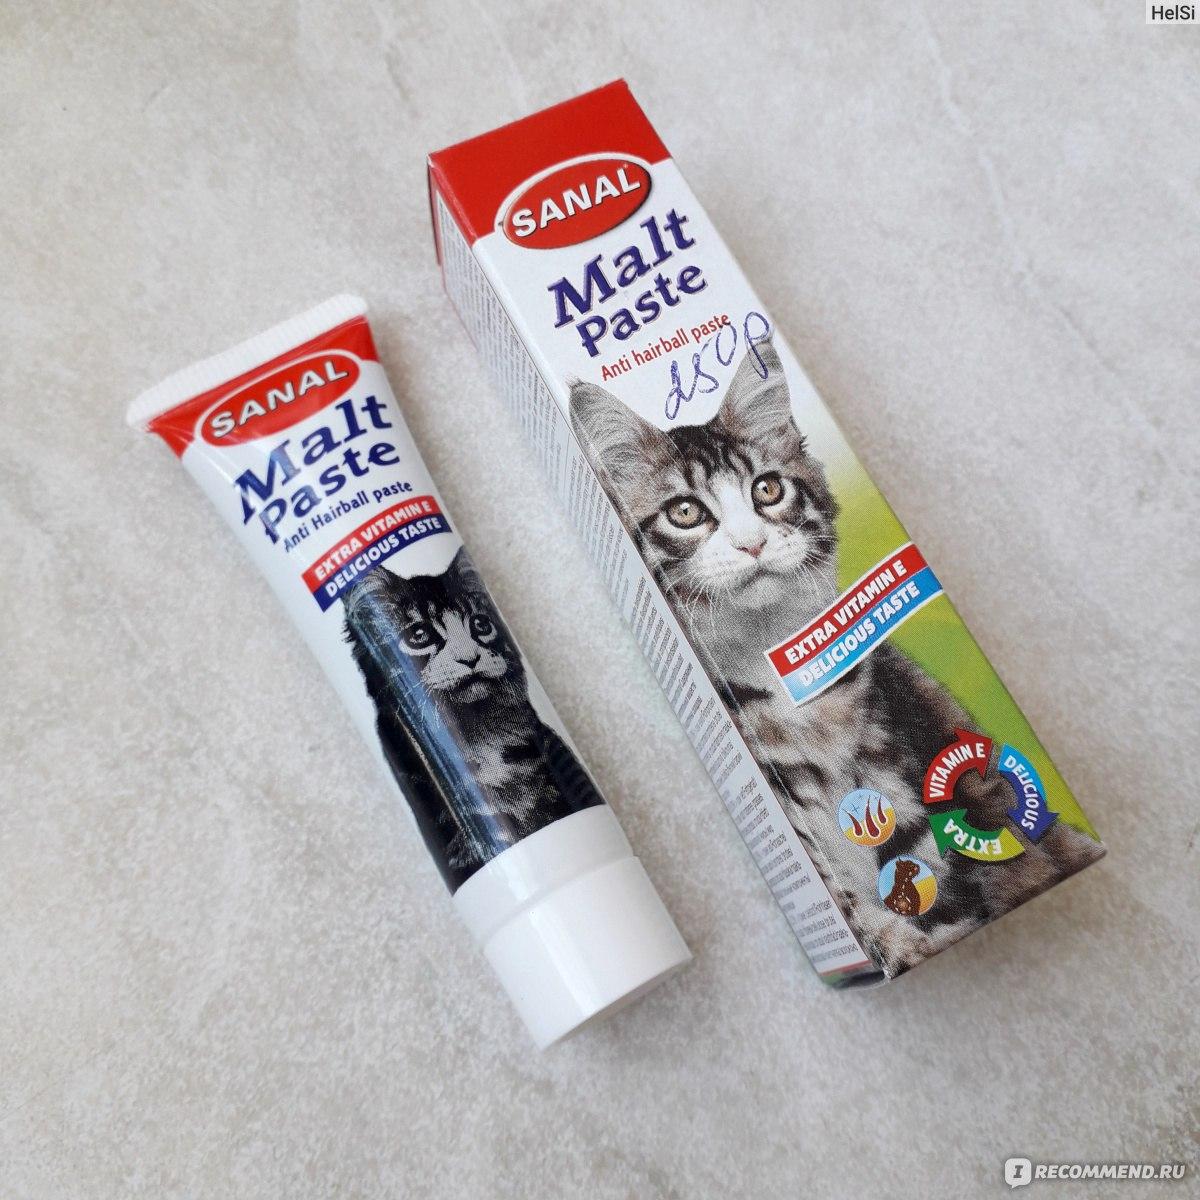 Мальт-паста: эффективное средство для выведения шерсти из желудка кошек